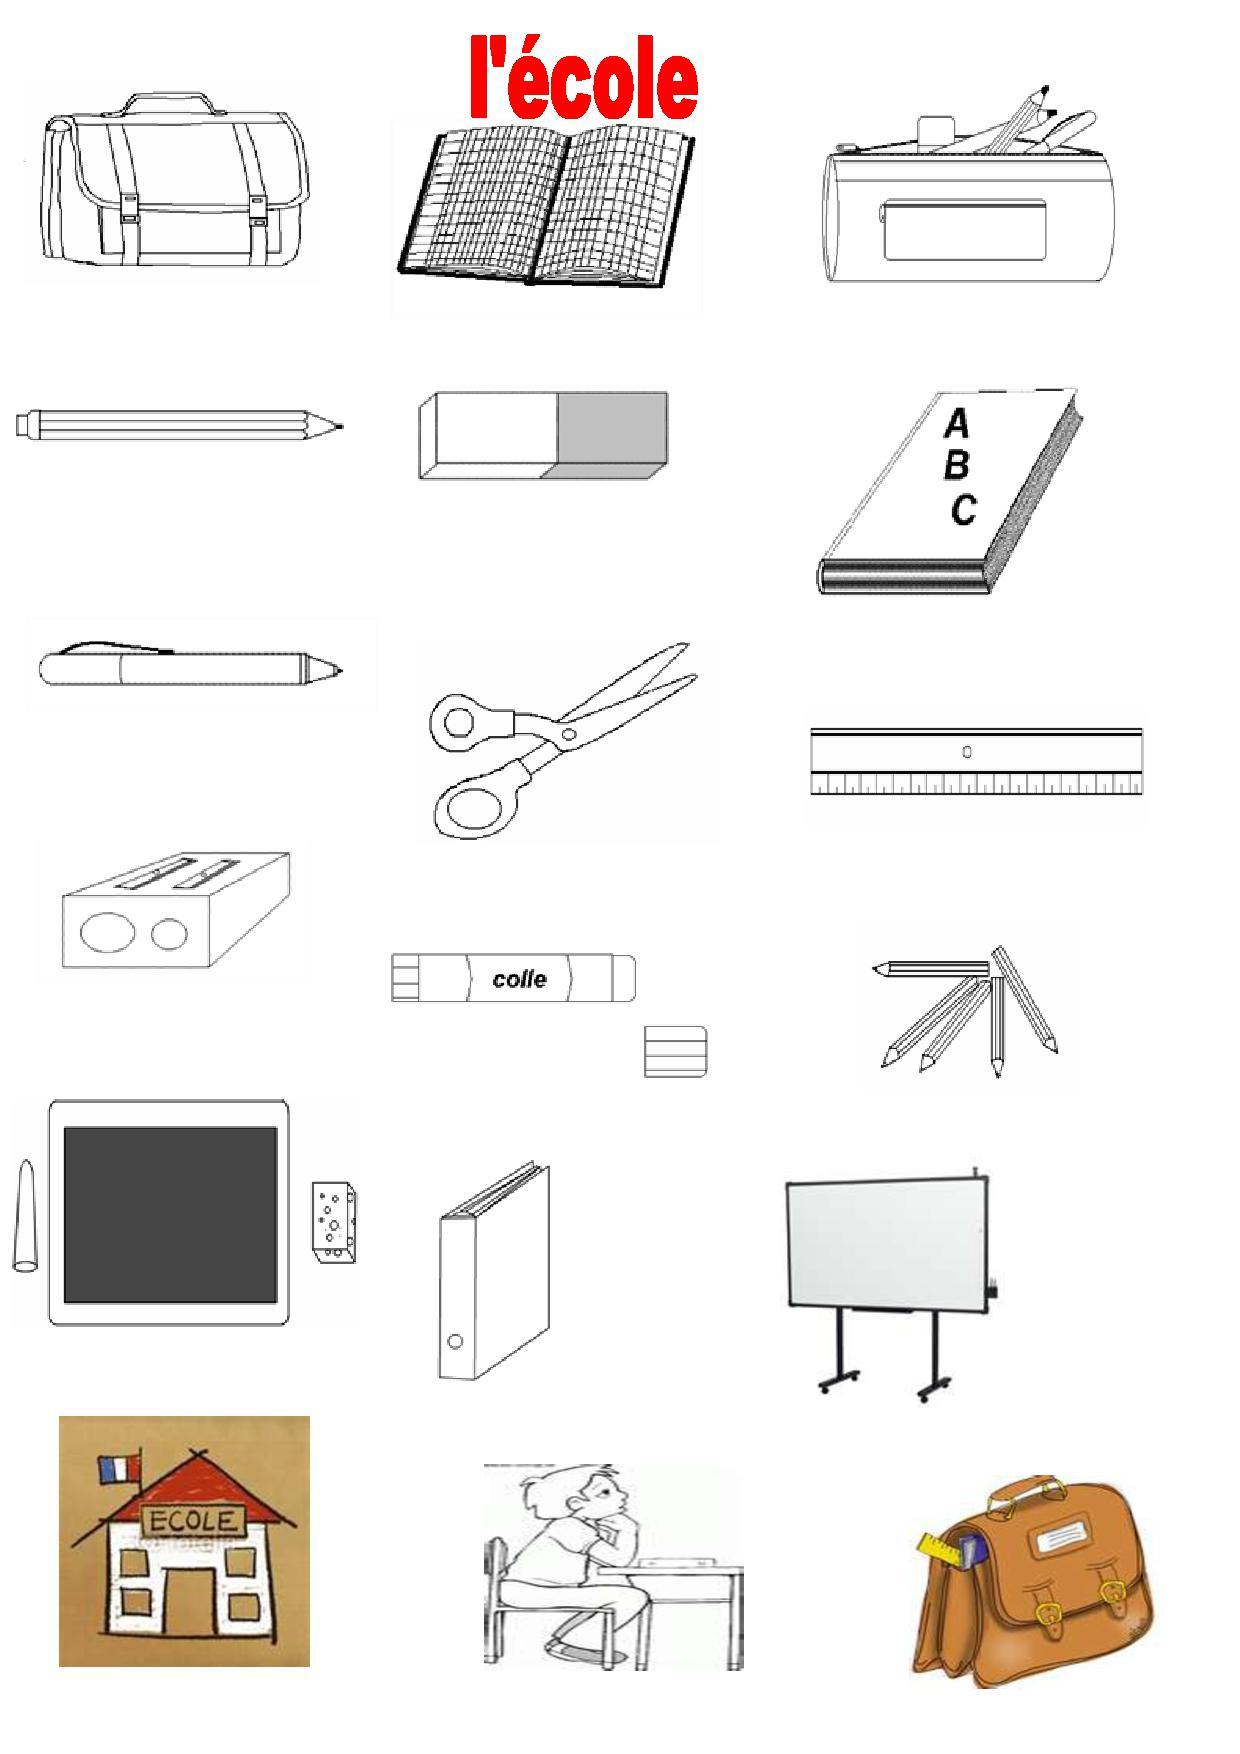 Vocabulaire 2, Imagiers, École, La Classe, Le Tableau concernant Imagier Ecole